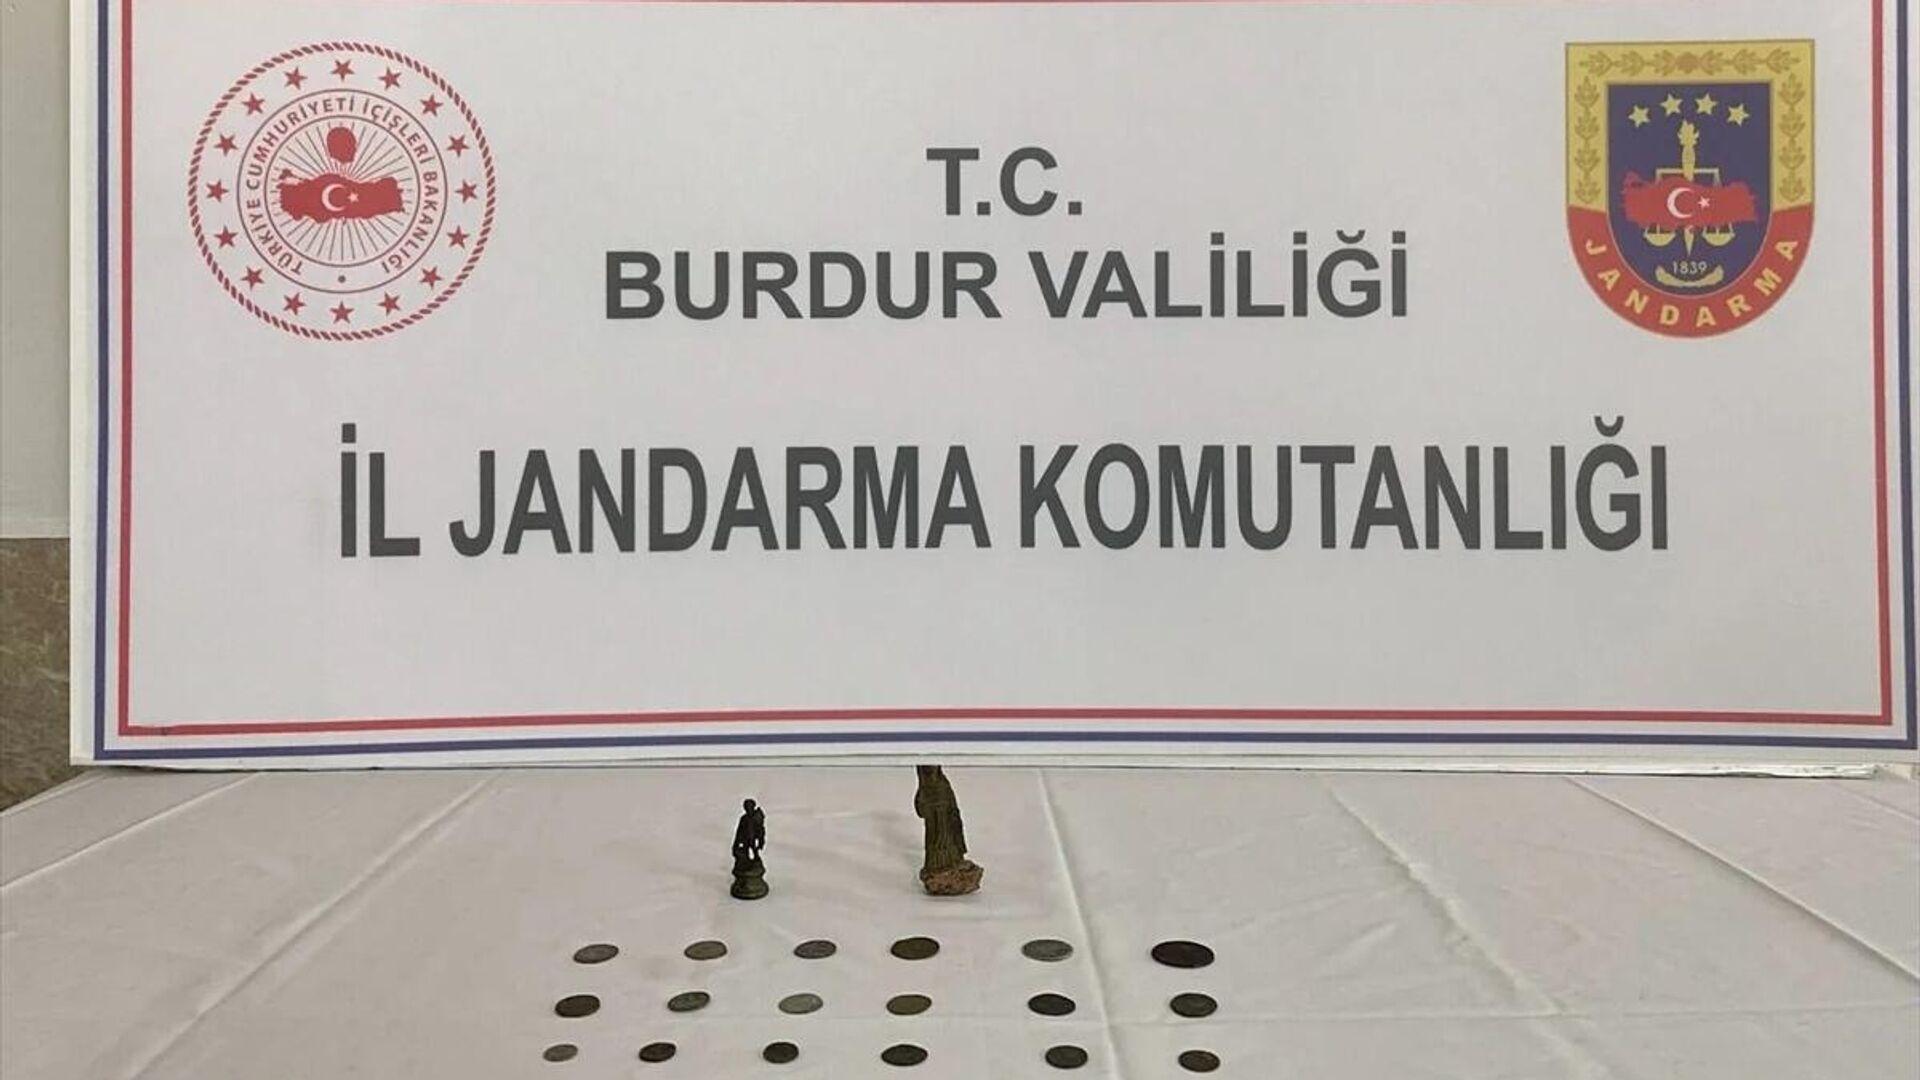 Roma dönemine ait sikke ve insan figürlü heykel ele geçirildi  - Sputnik Türkiye, 1920, 22.09.2021